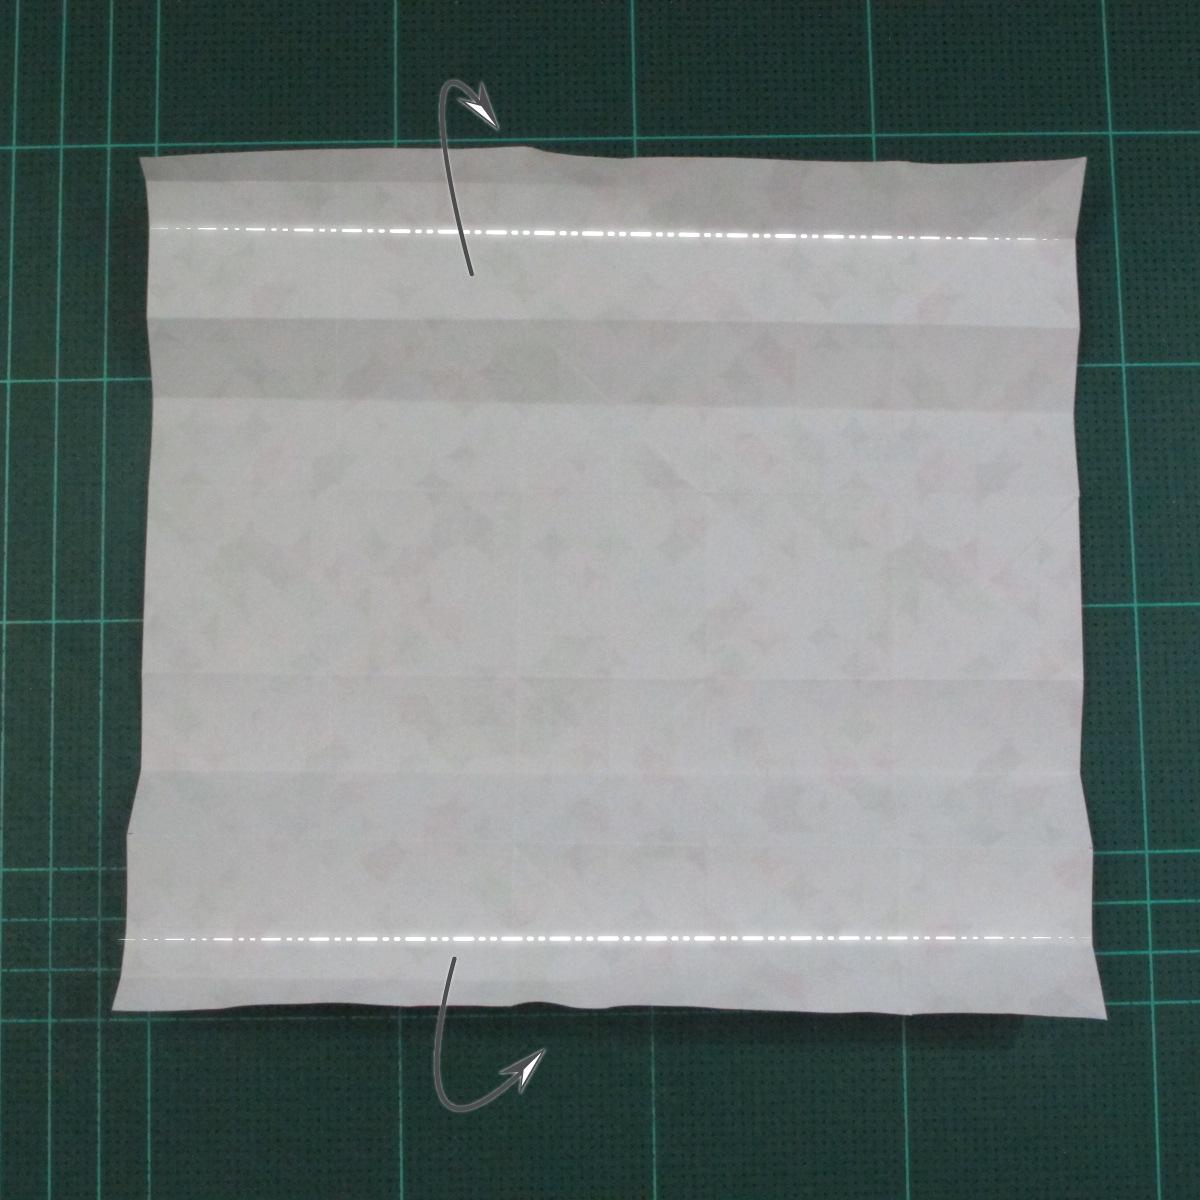 วิธีพับกล่องของขวัญแบบมีฝาปิด (Origami Present Box With Lid) 016